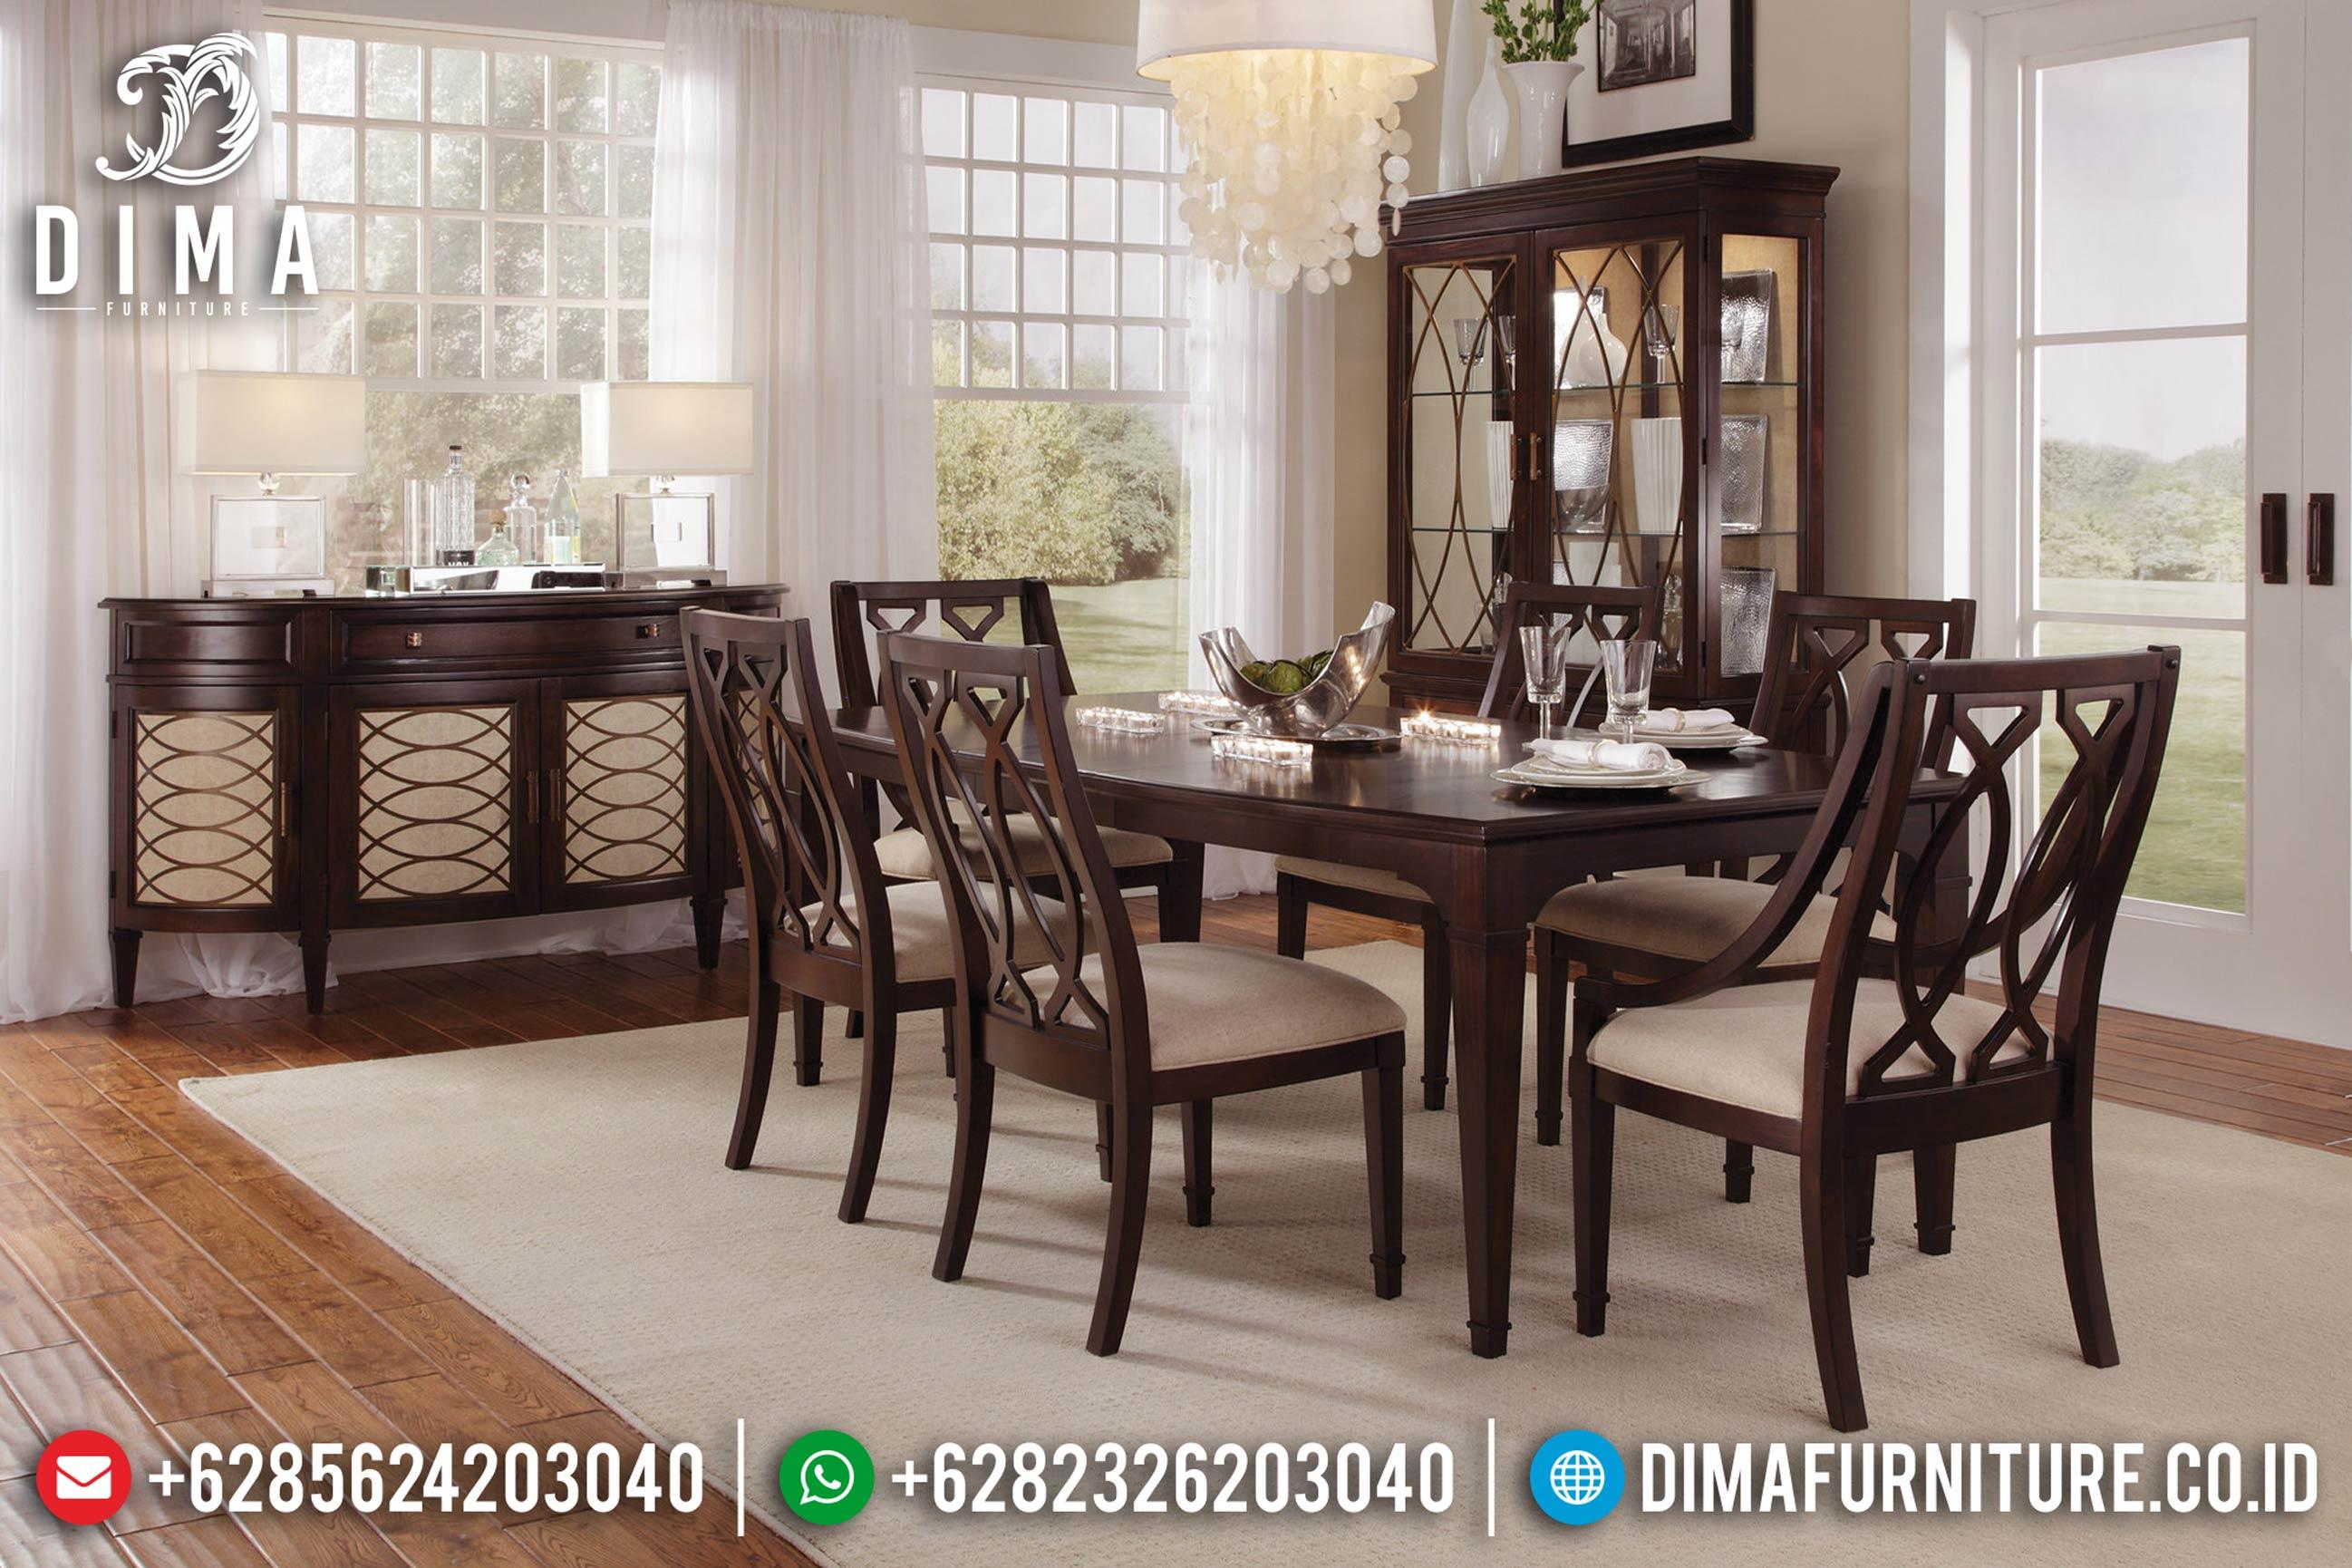 Beli Kursi Dan Meja Makan Jepara Minimalis Natural Jati TPK BT-0021